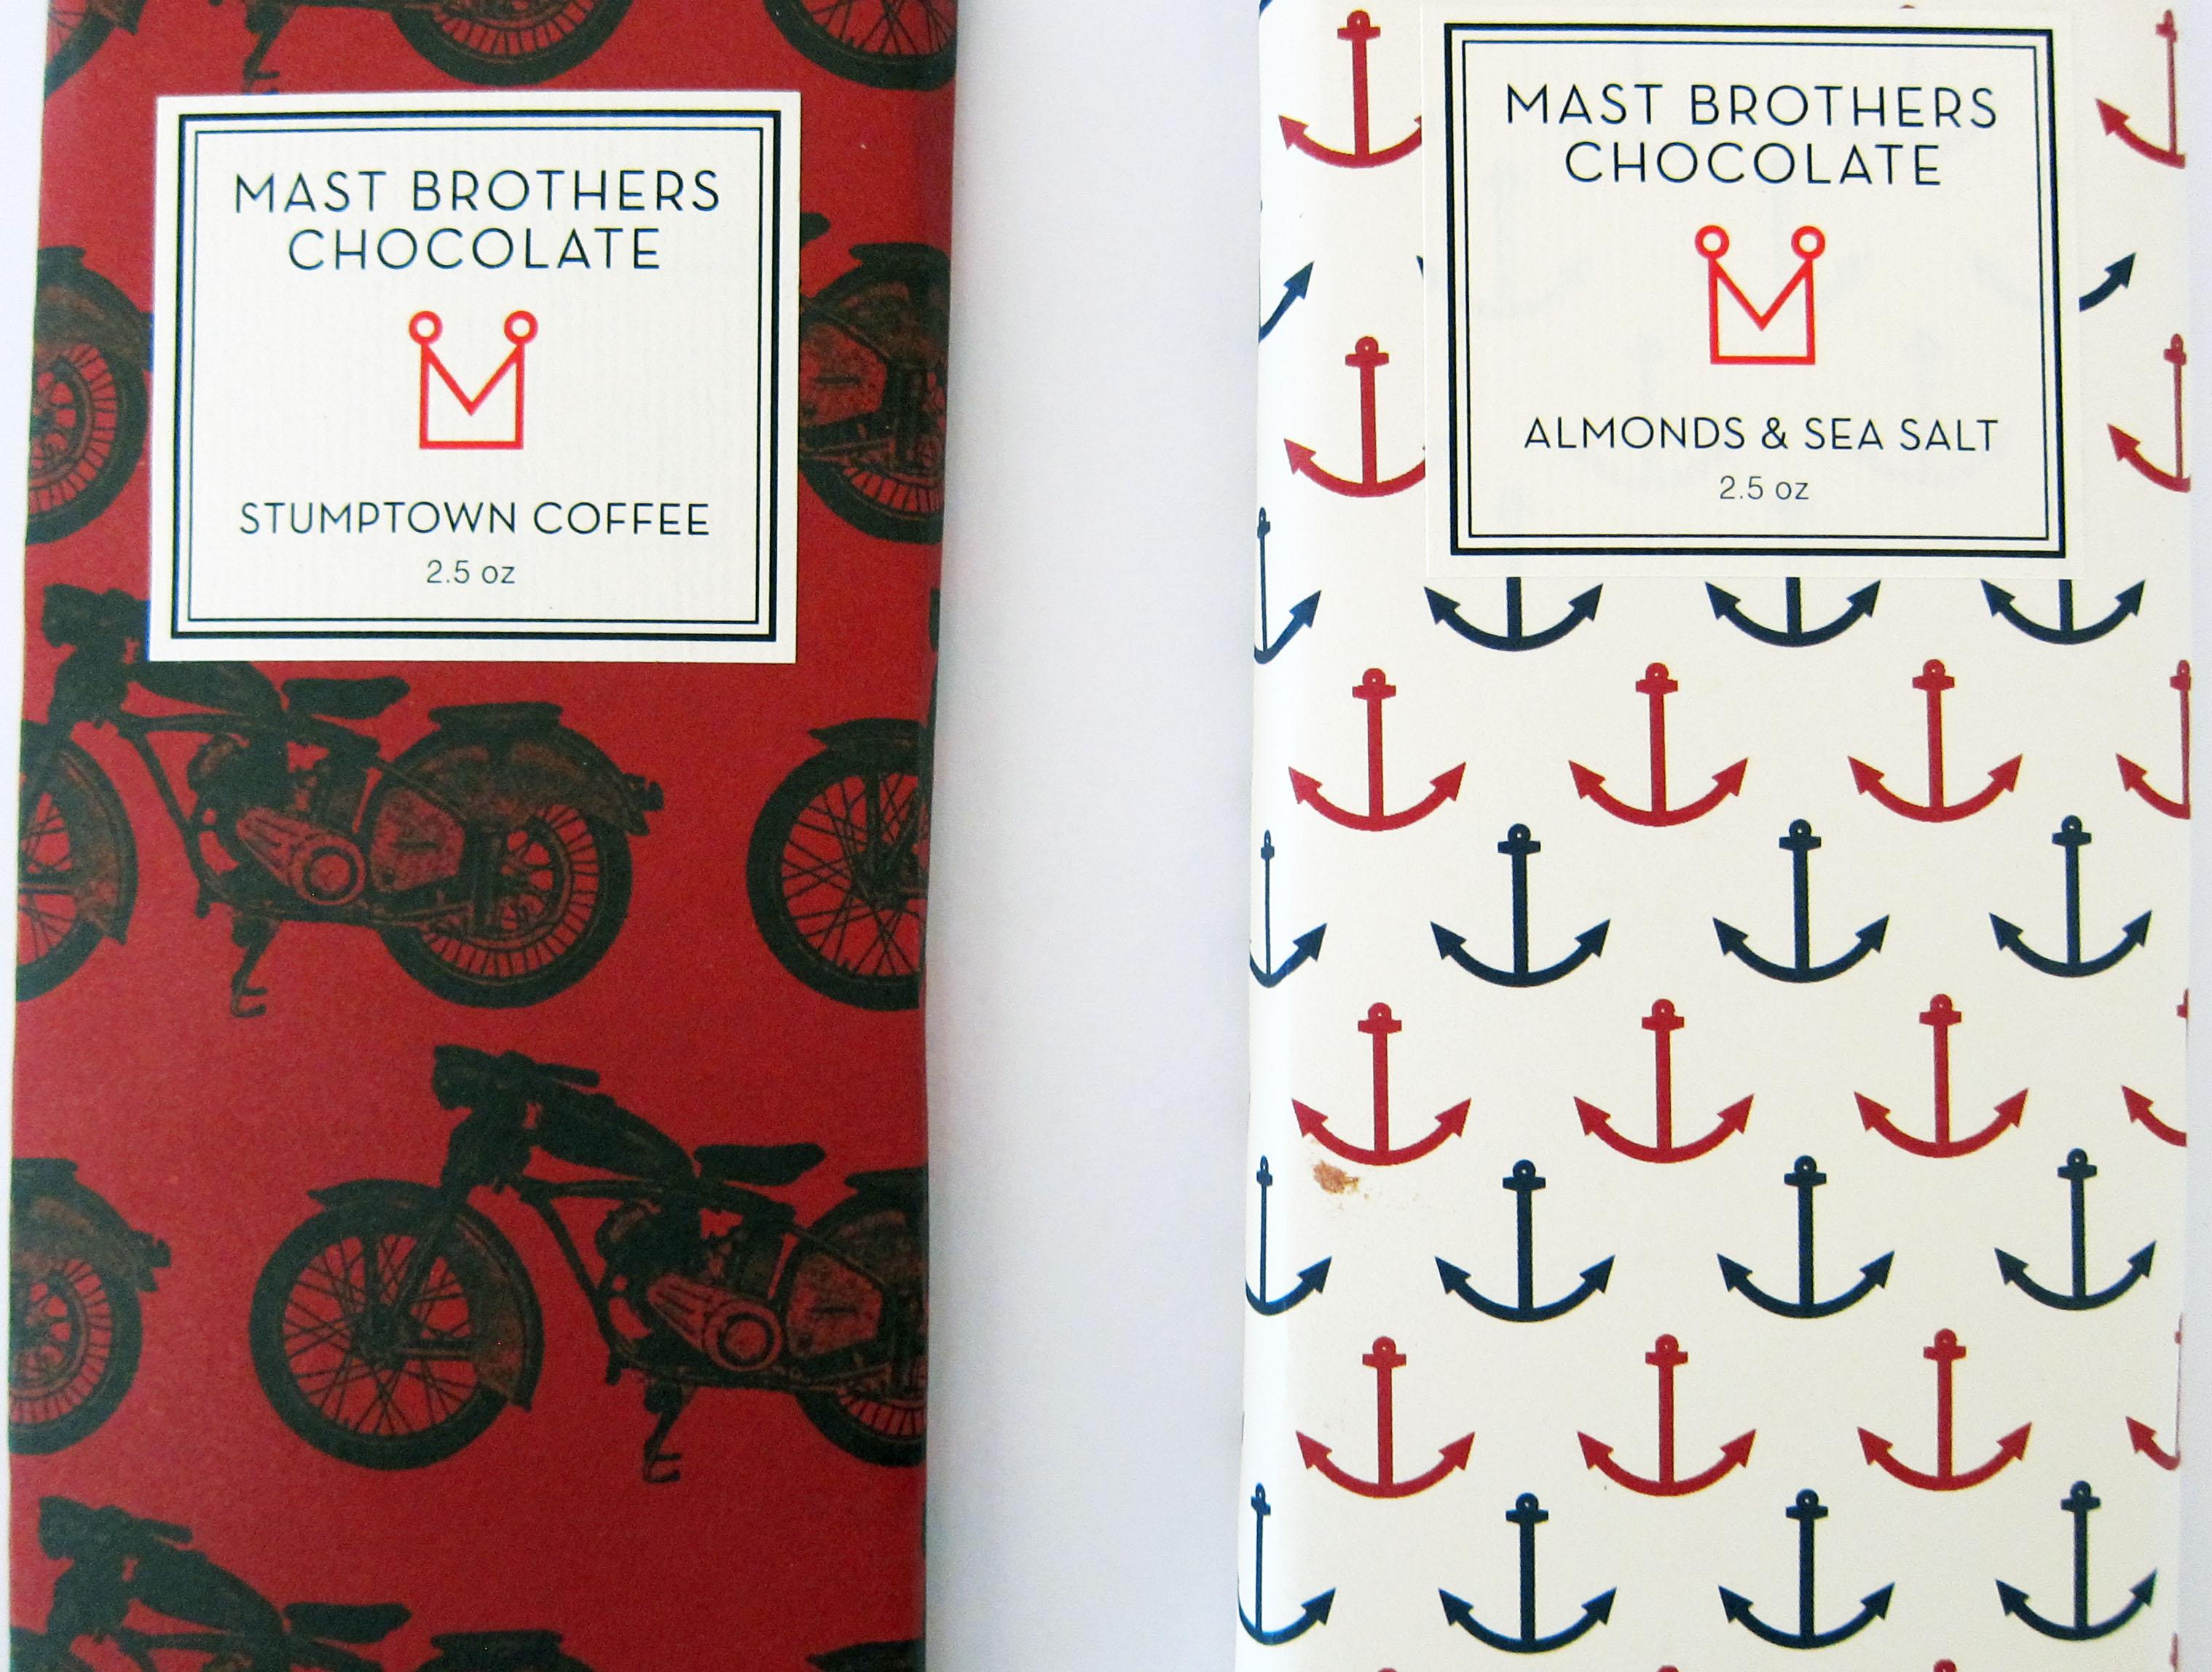 mast brothers chocolate – williamsburg | aubergine moon